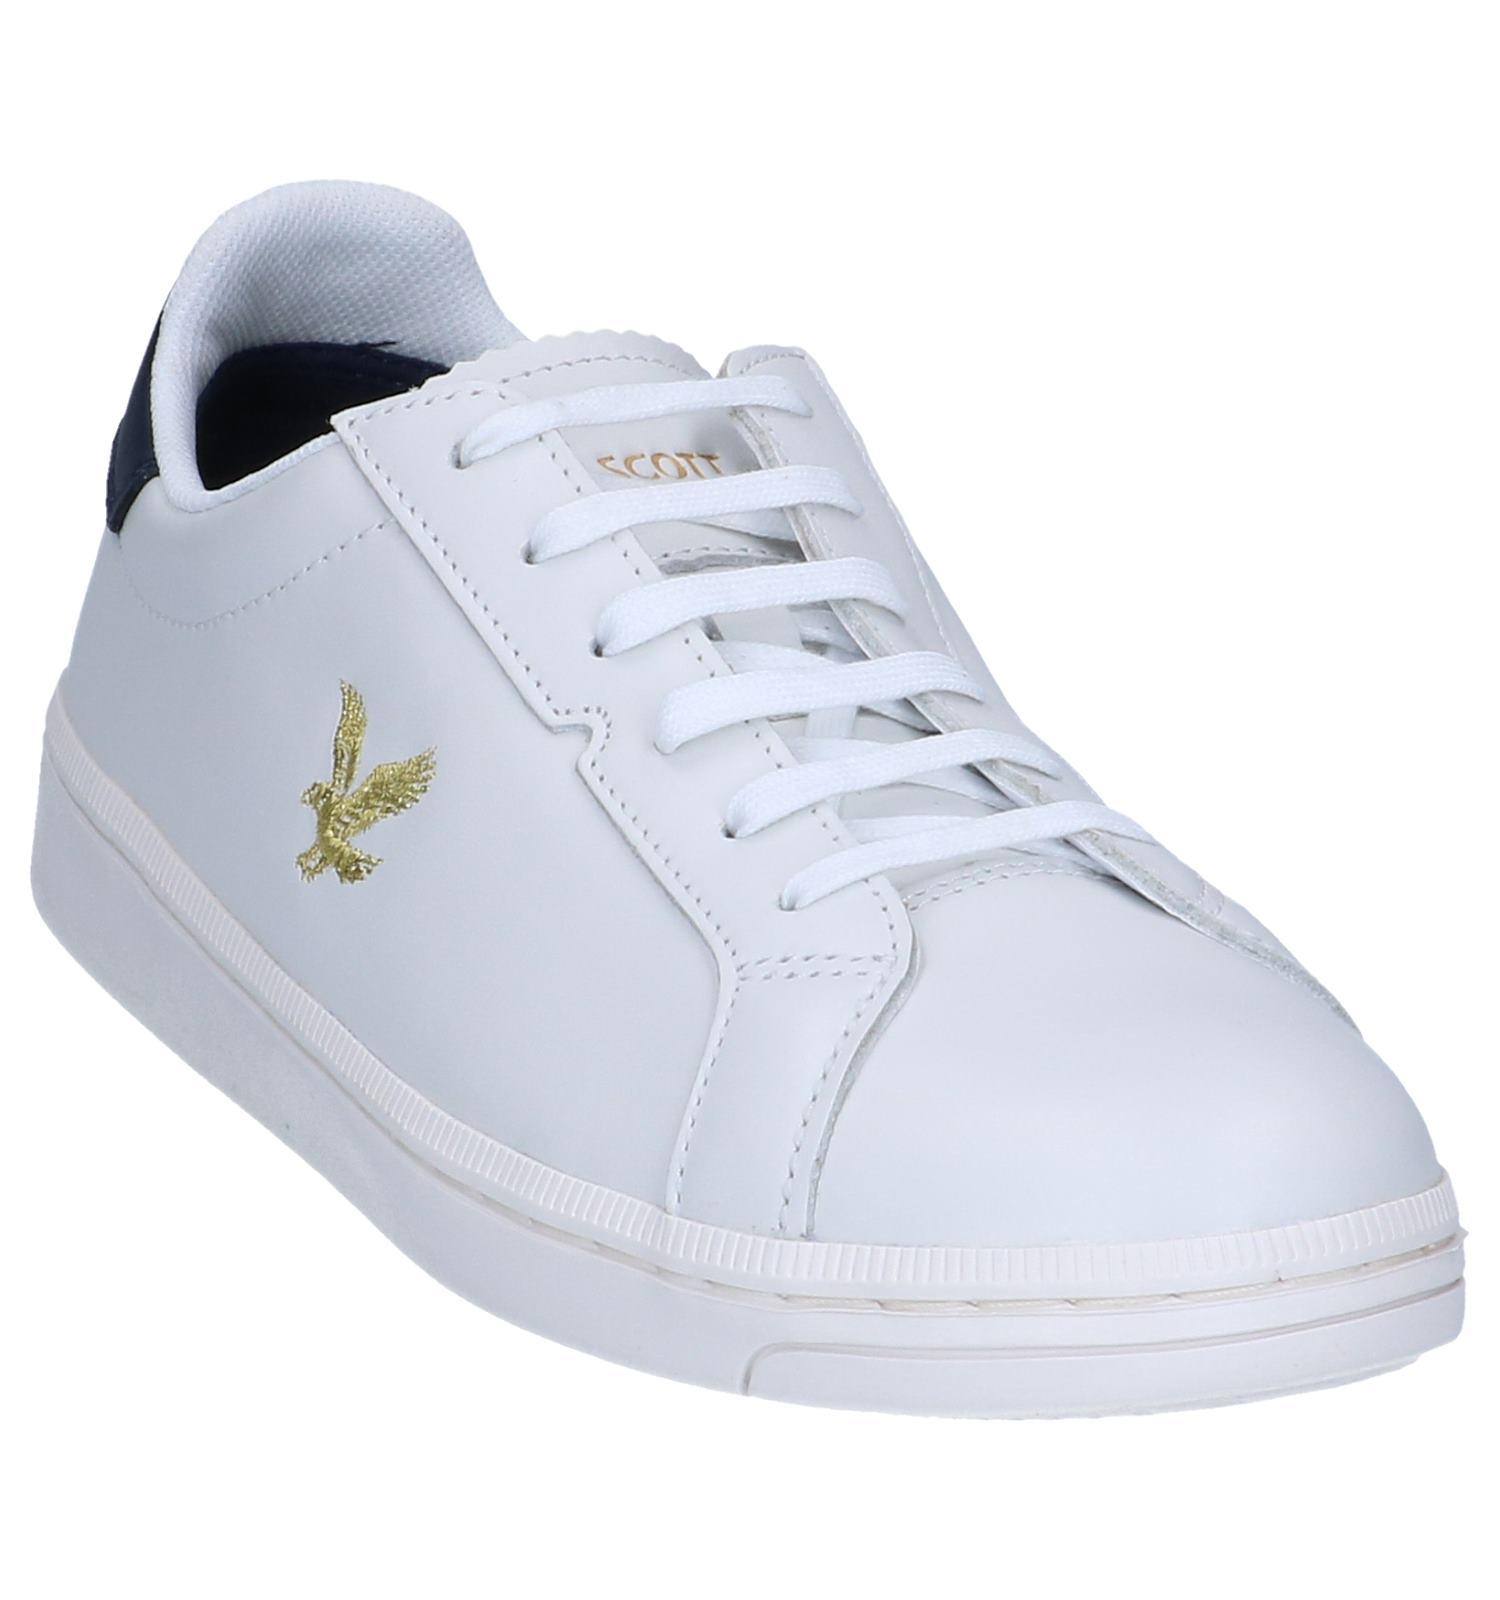 Scott Casual Lyleamp; Lyleamp; Witte Witte Witte Casual Casual Scott Veterschoenen Veterschoenen u5lKJcFT13